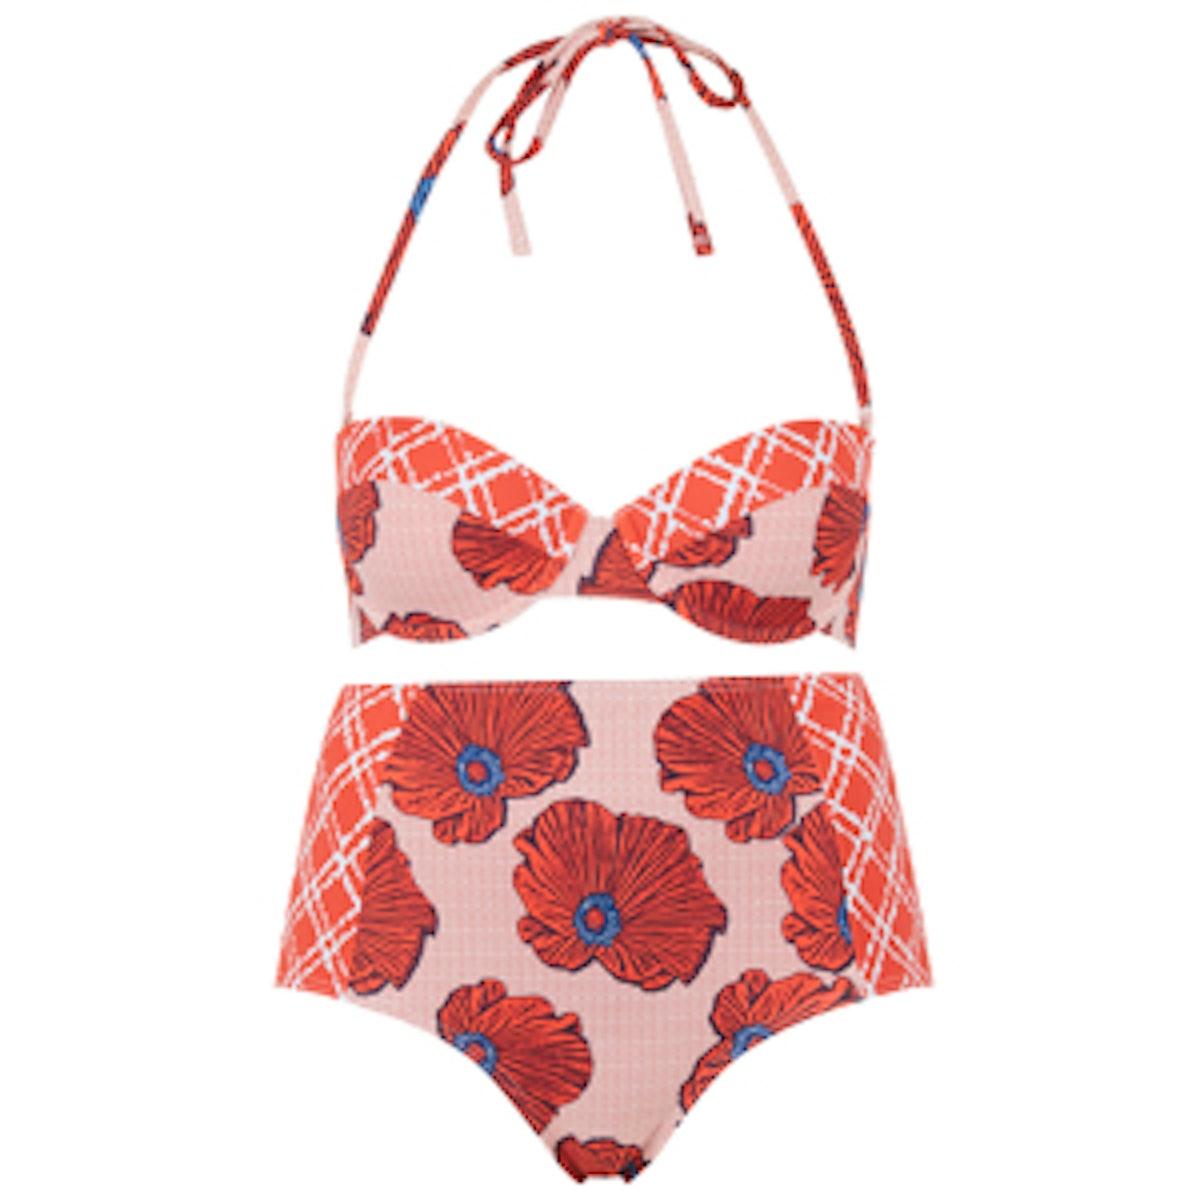 Poppy Check Bikini Set